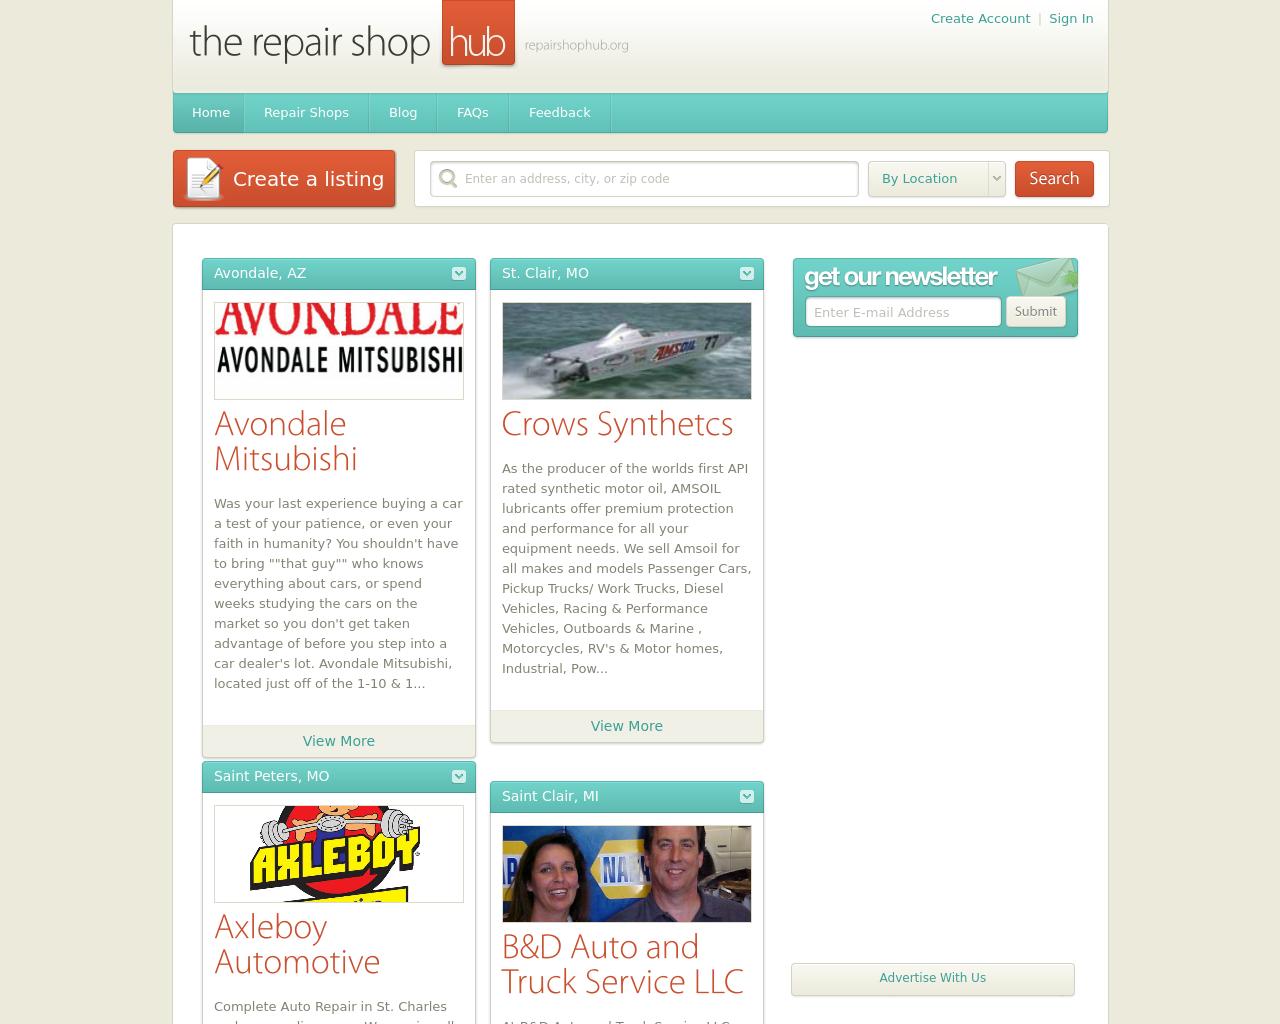 Repair-Shop-Hub-Advertising-Reviews-Pricing